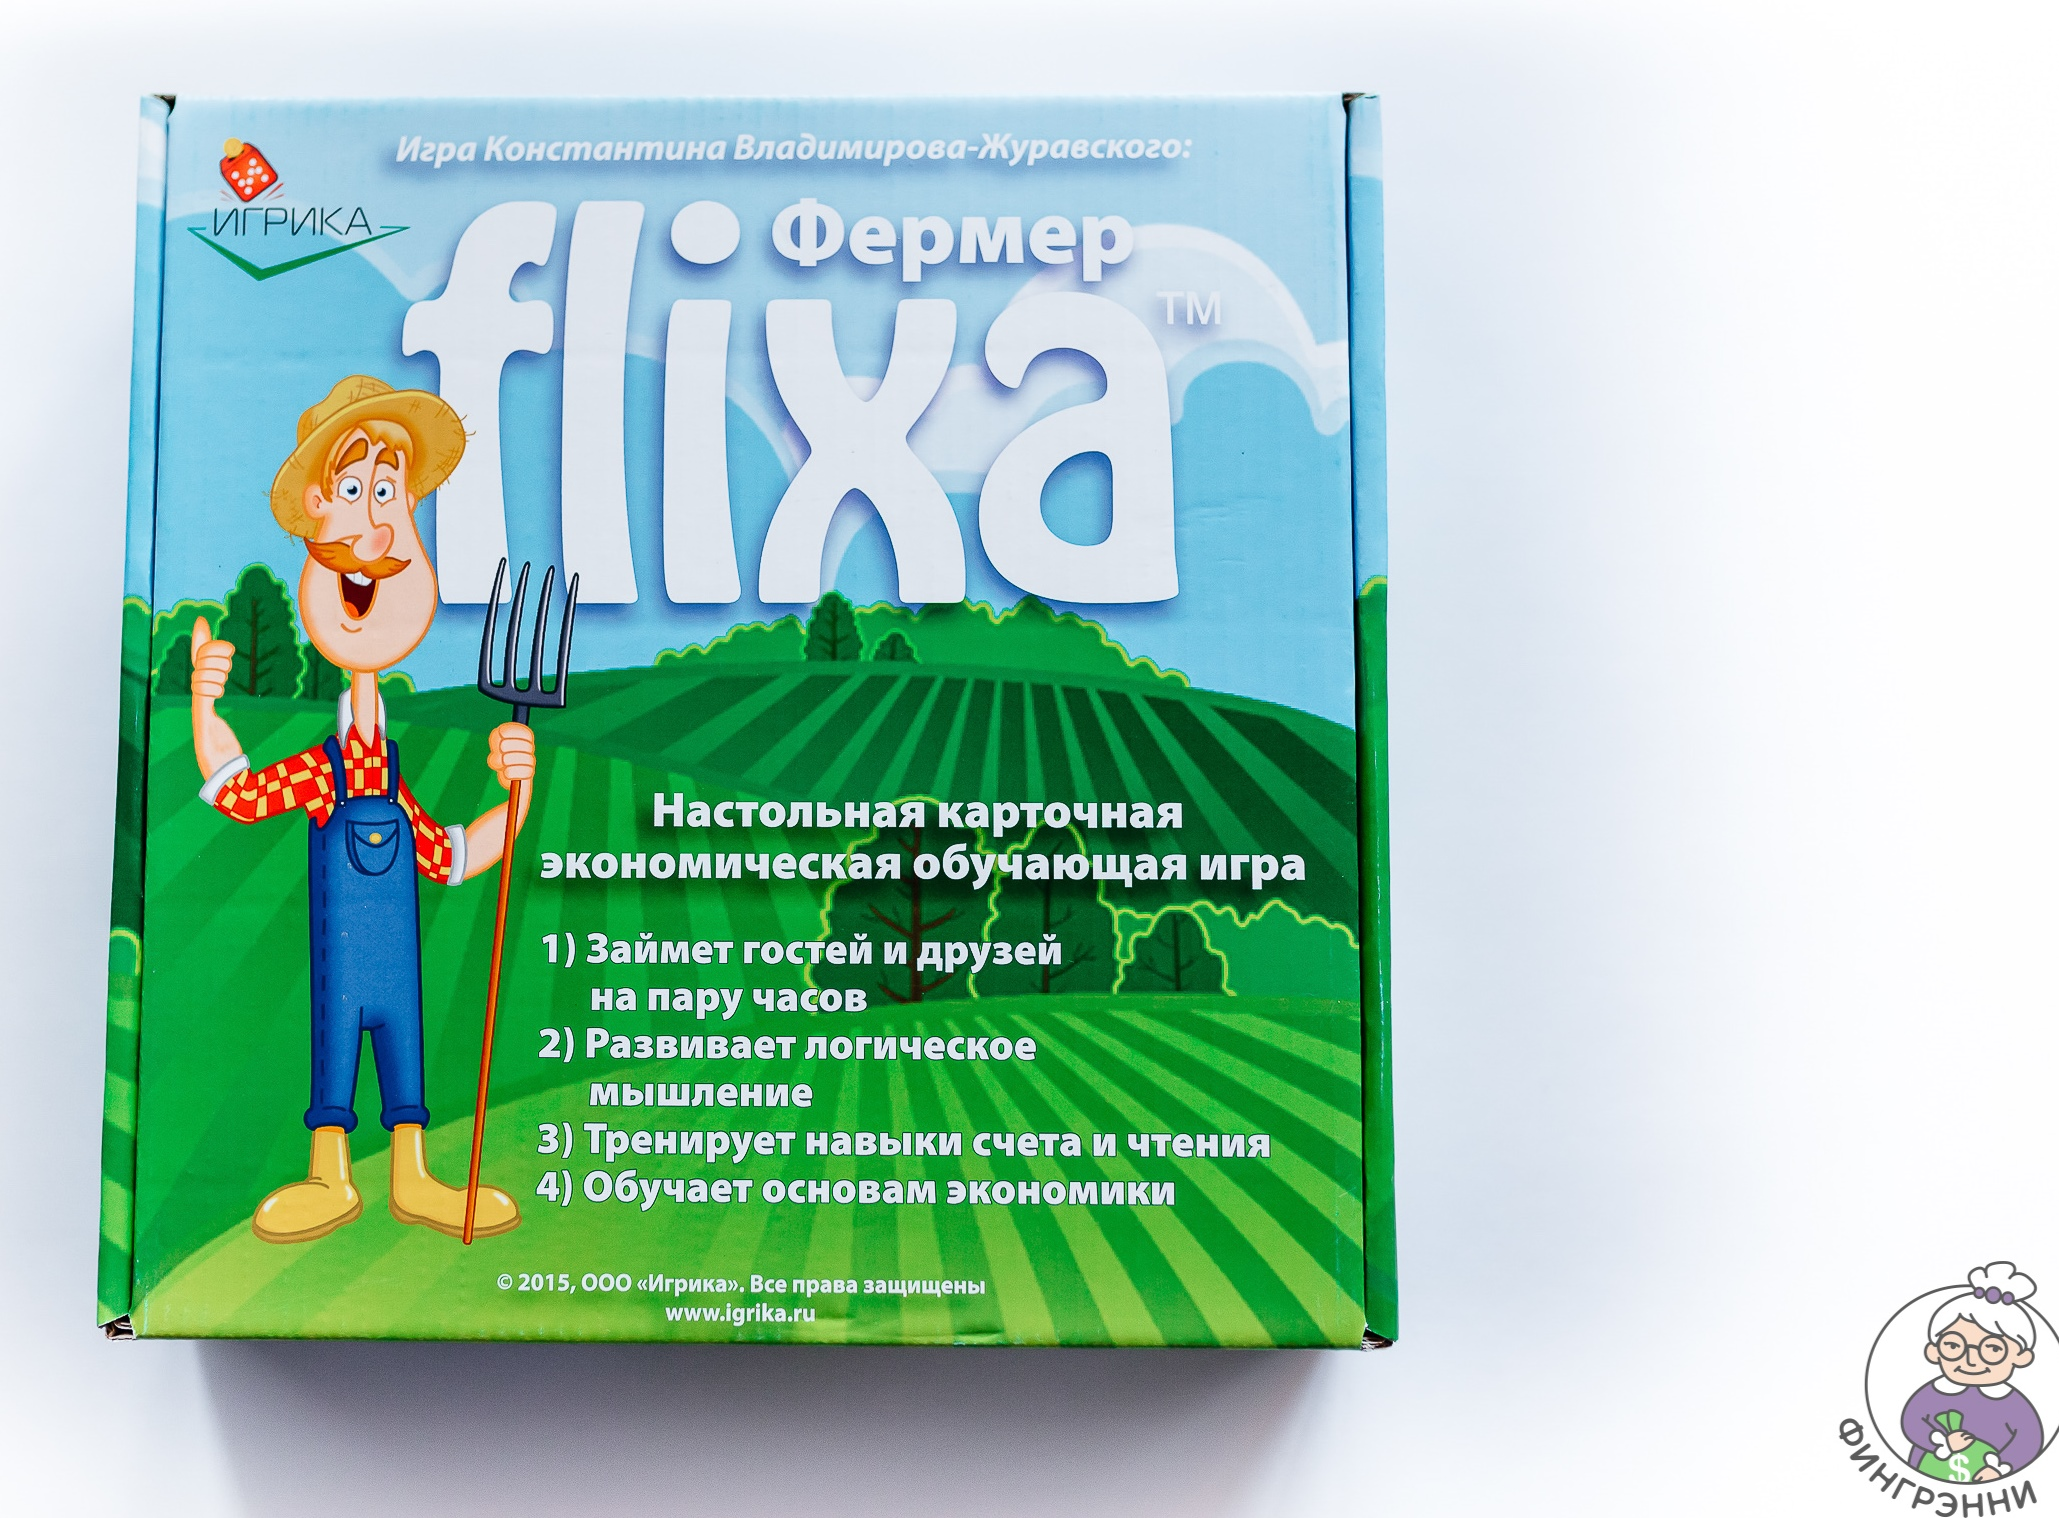 Фото игры «Flixa фермер»